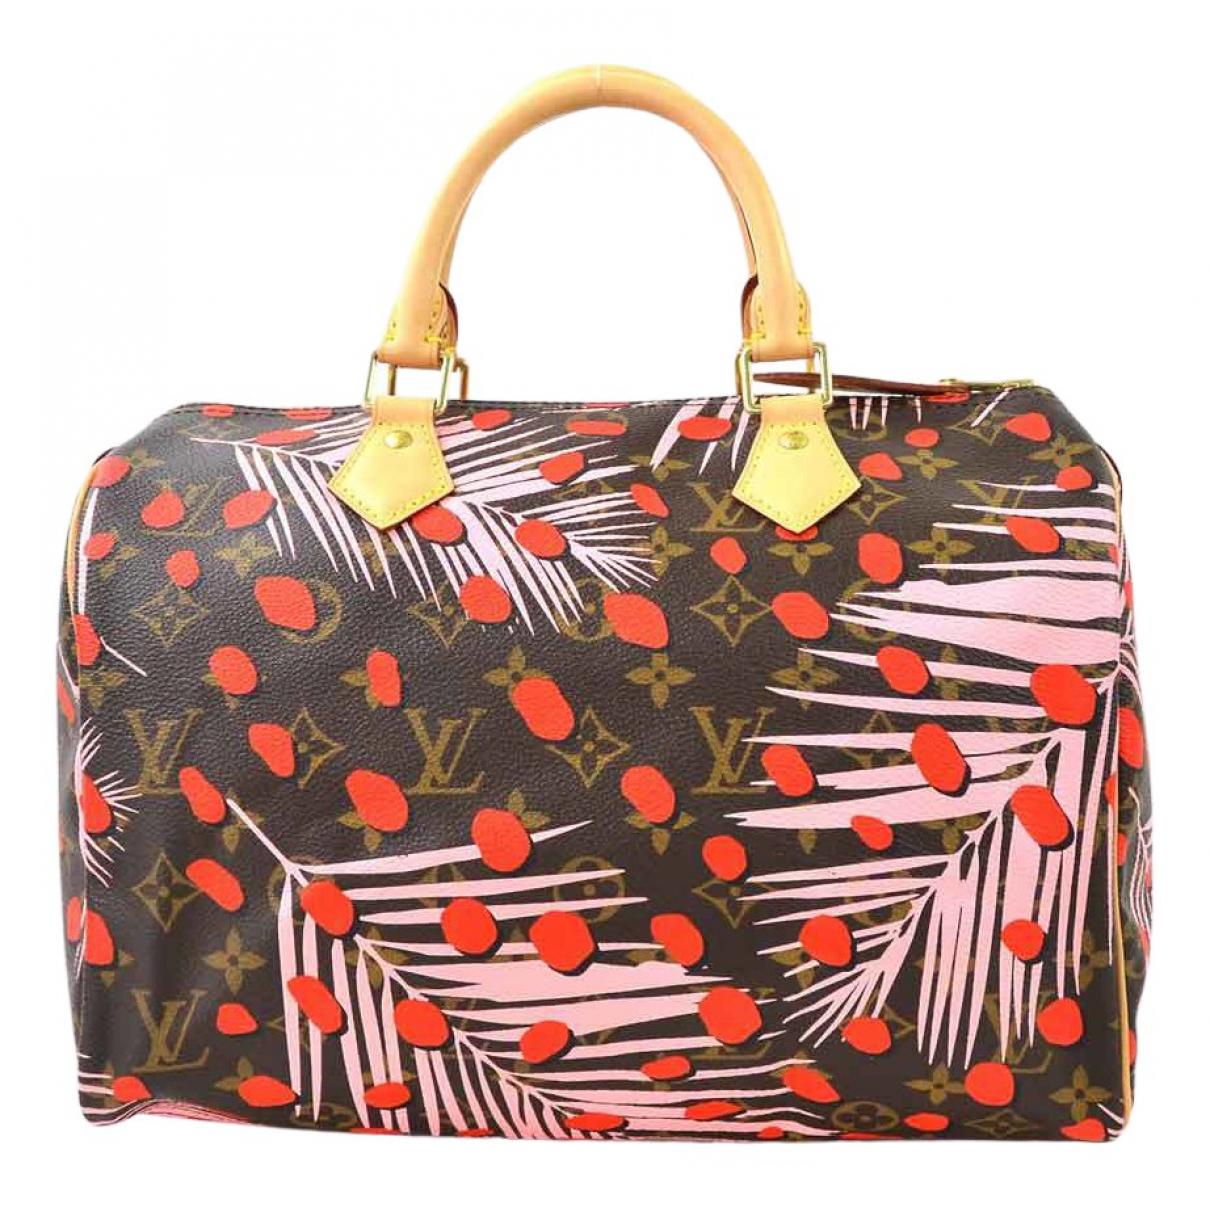 Louis Vuitton Speedy Handtasche in  Bunt Leinen